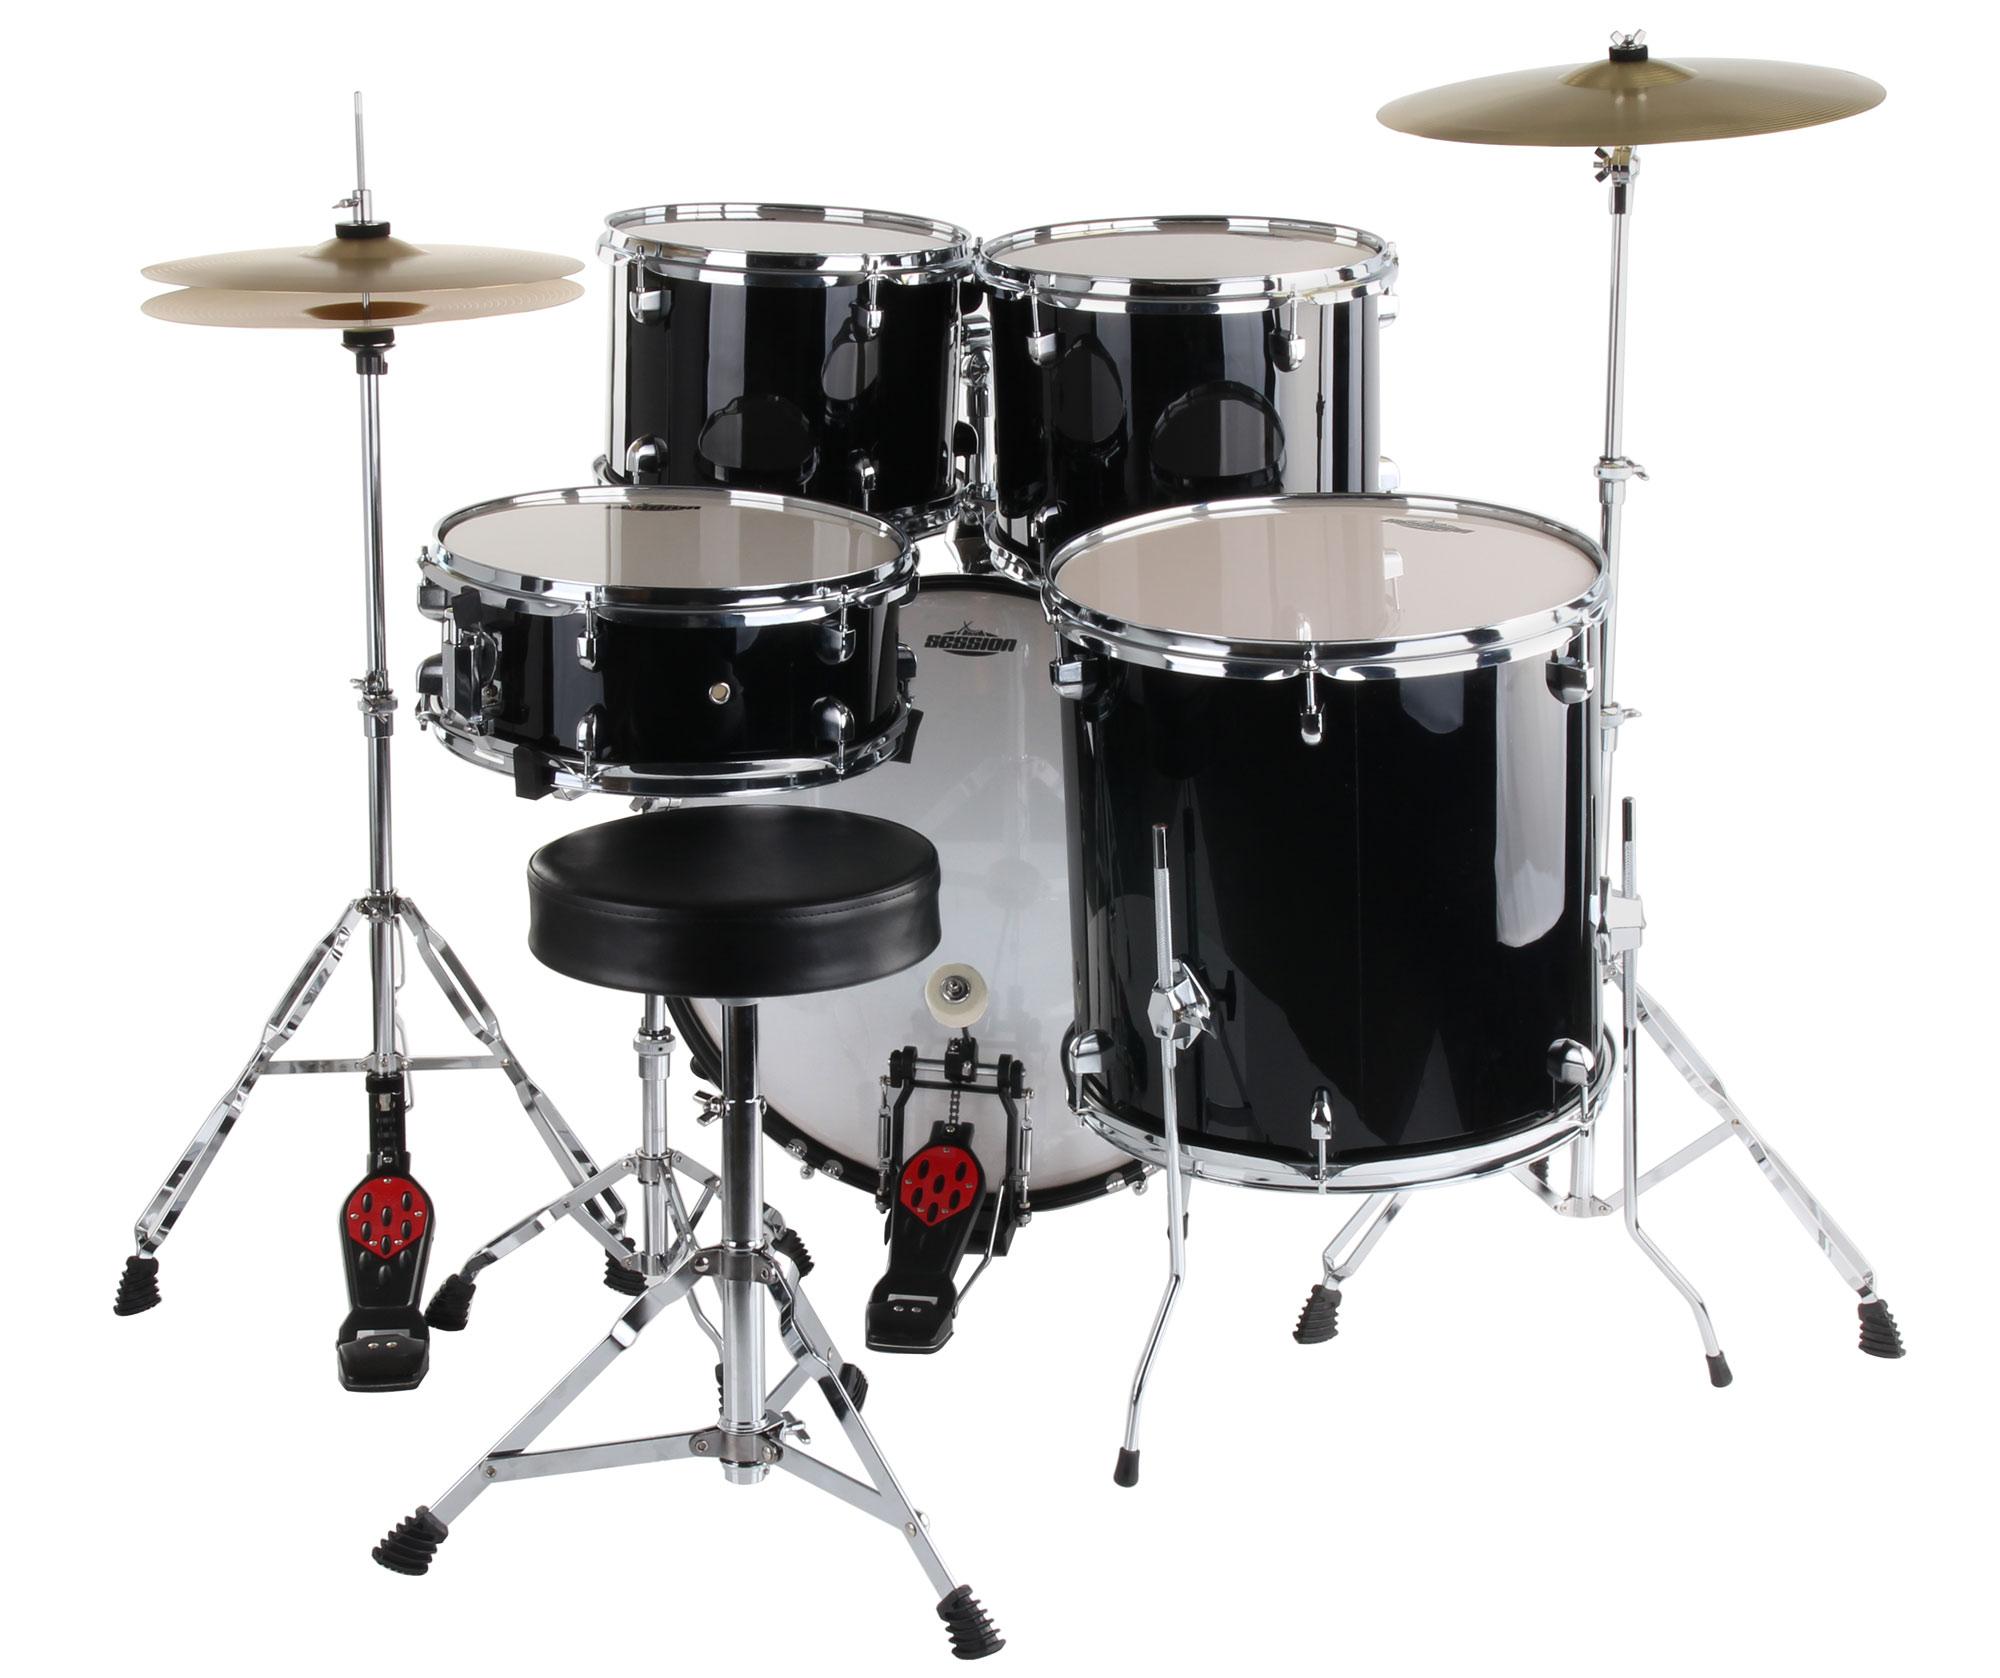 Musikinstrument Accs Schlagzeug Set Stimmschlüssel Schwarz Drumer Drum T